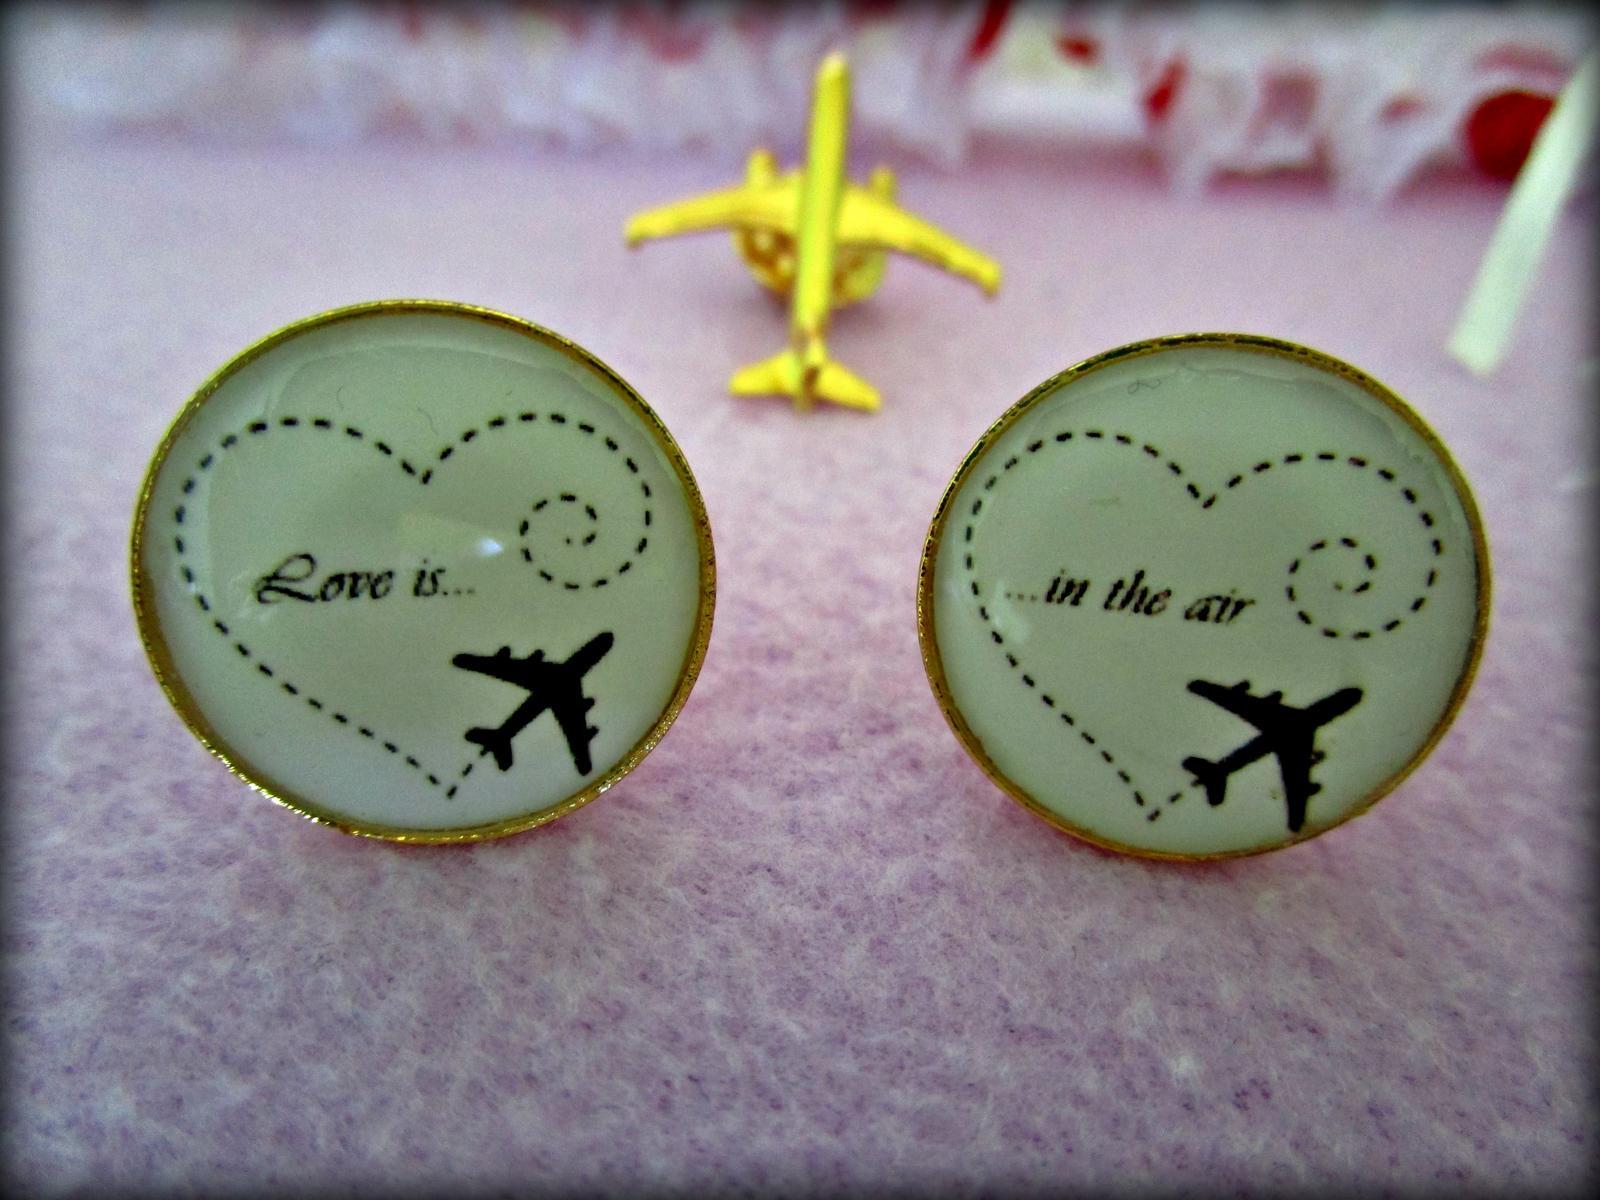 Naša malá letecká svadba ✈✈✈ <3 - Love is in the air....Motto našej svadby <3